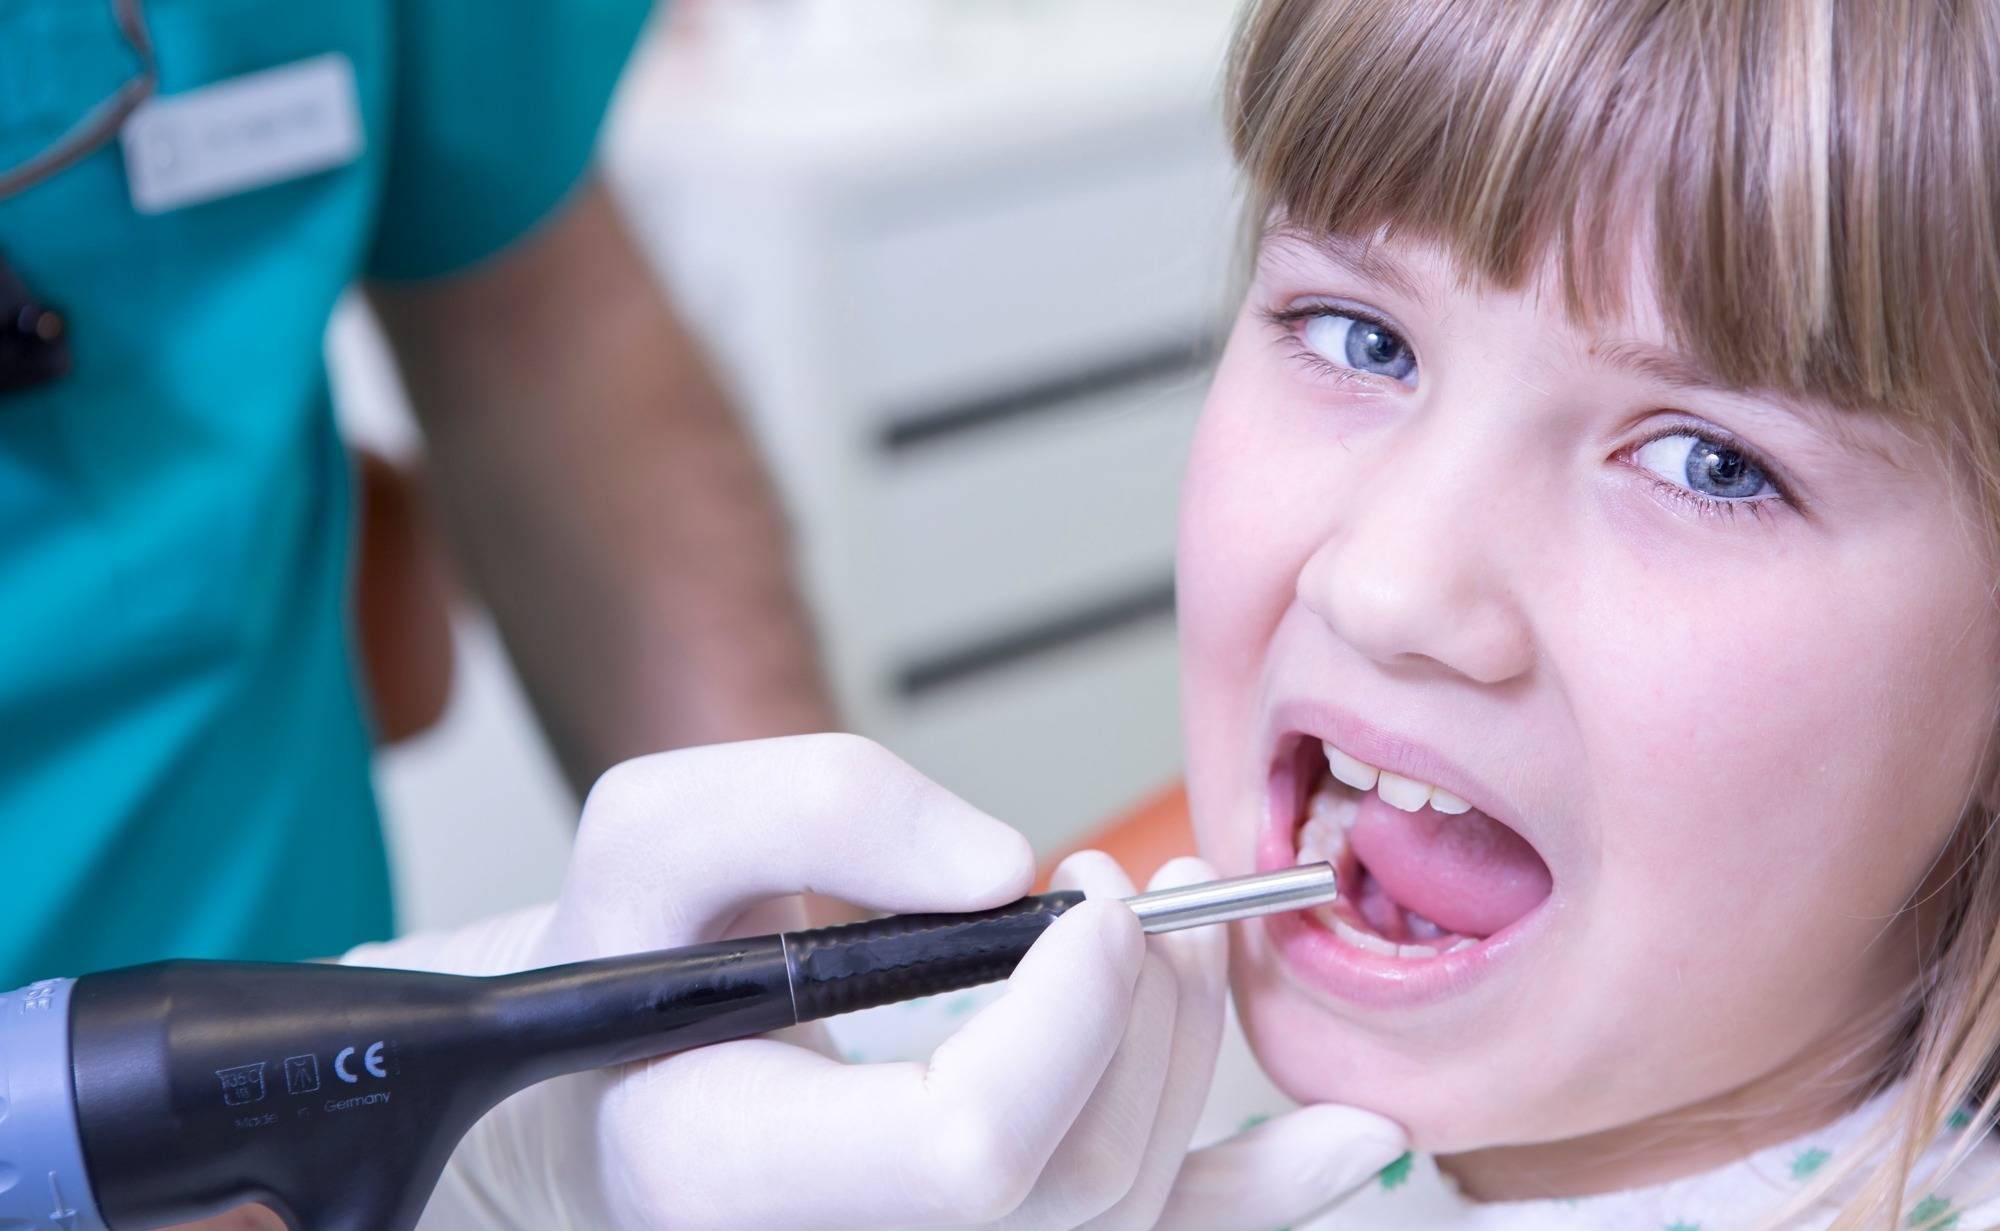 Дырочки в зубах в детстве — серьезные проблемы в юности. к каким нарушениям может привести не вылеченный кариес молочных зубов у ребенка?